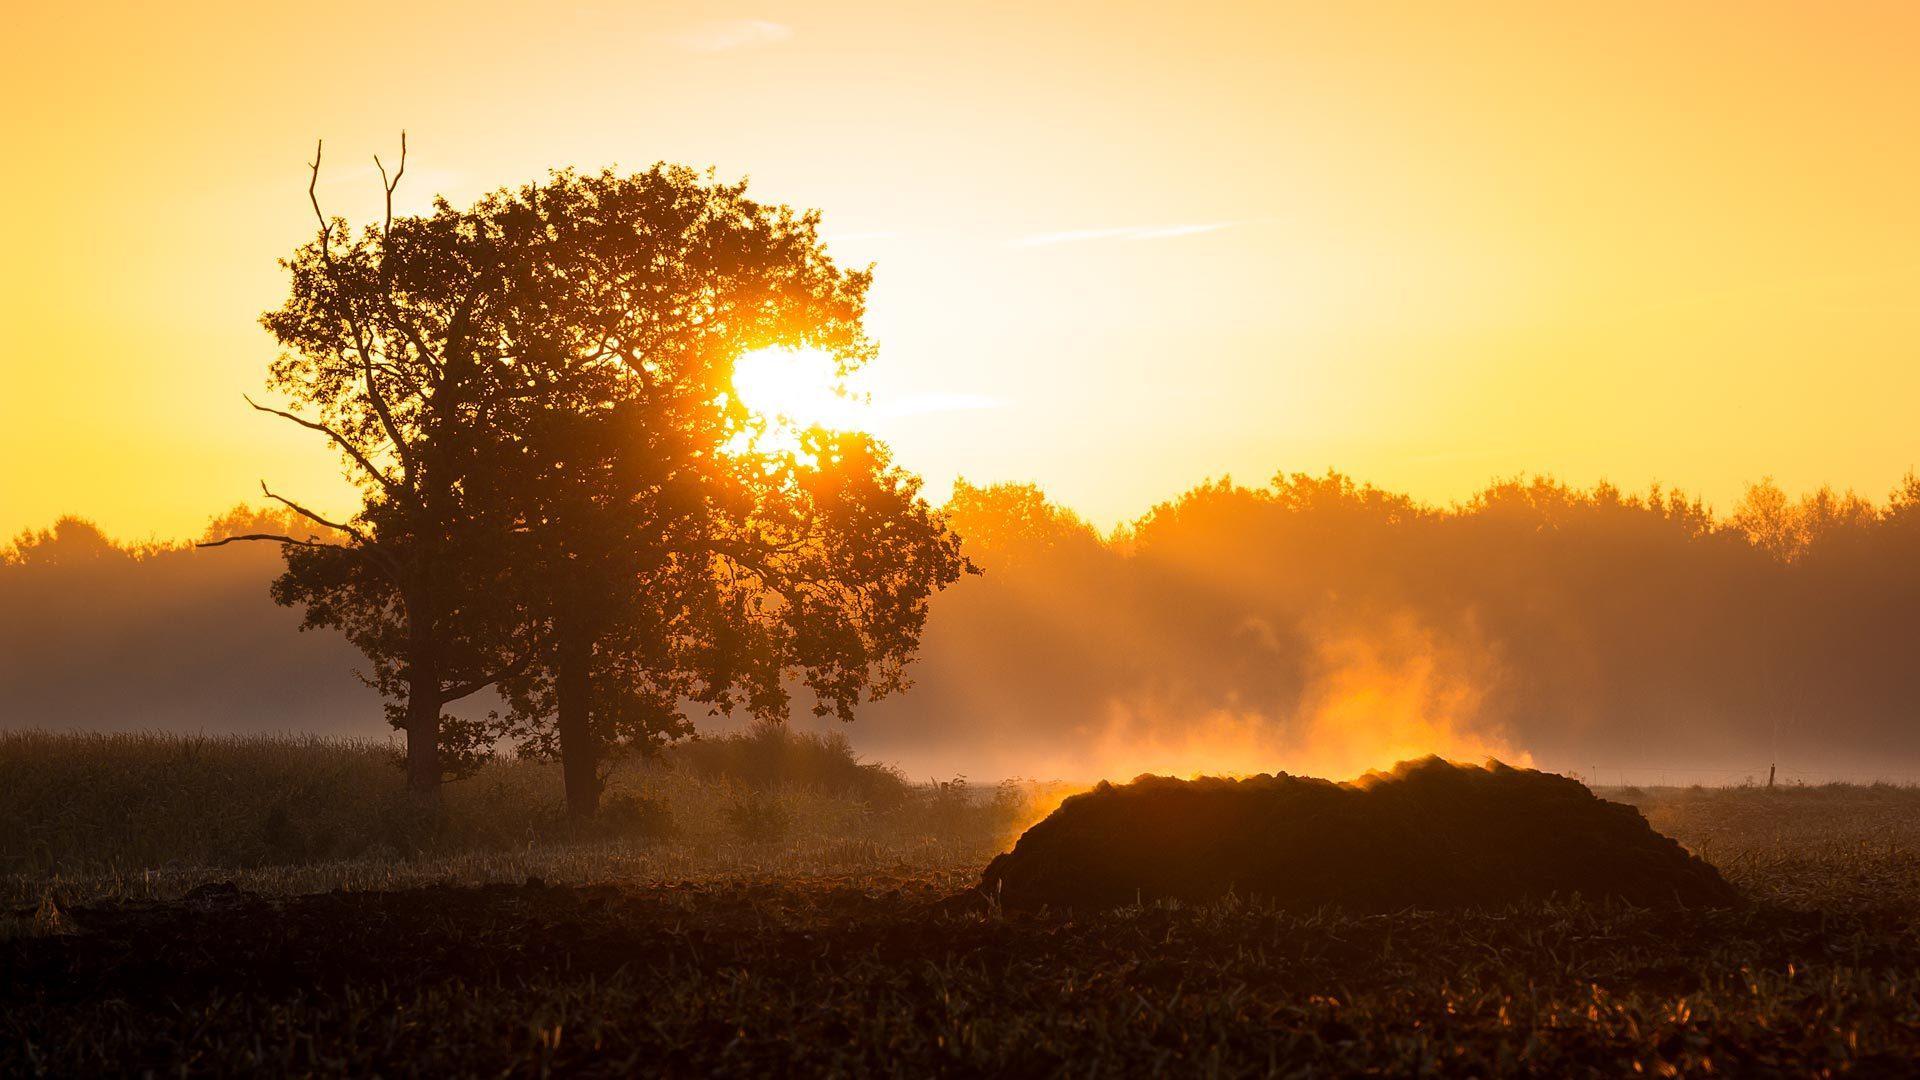 唯美日出日落風景圖片高清寬屏壁紙